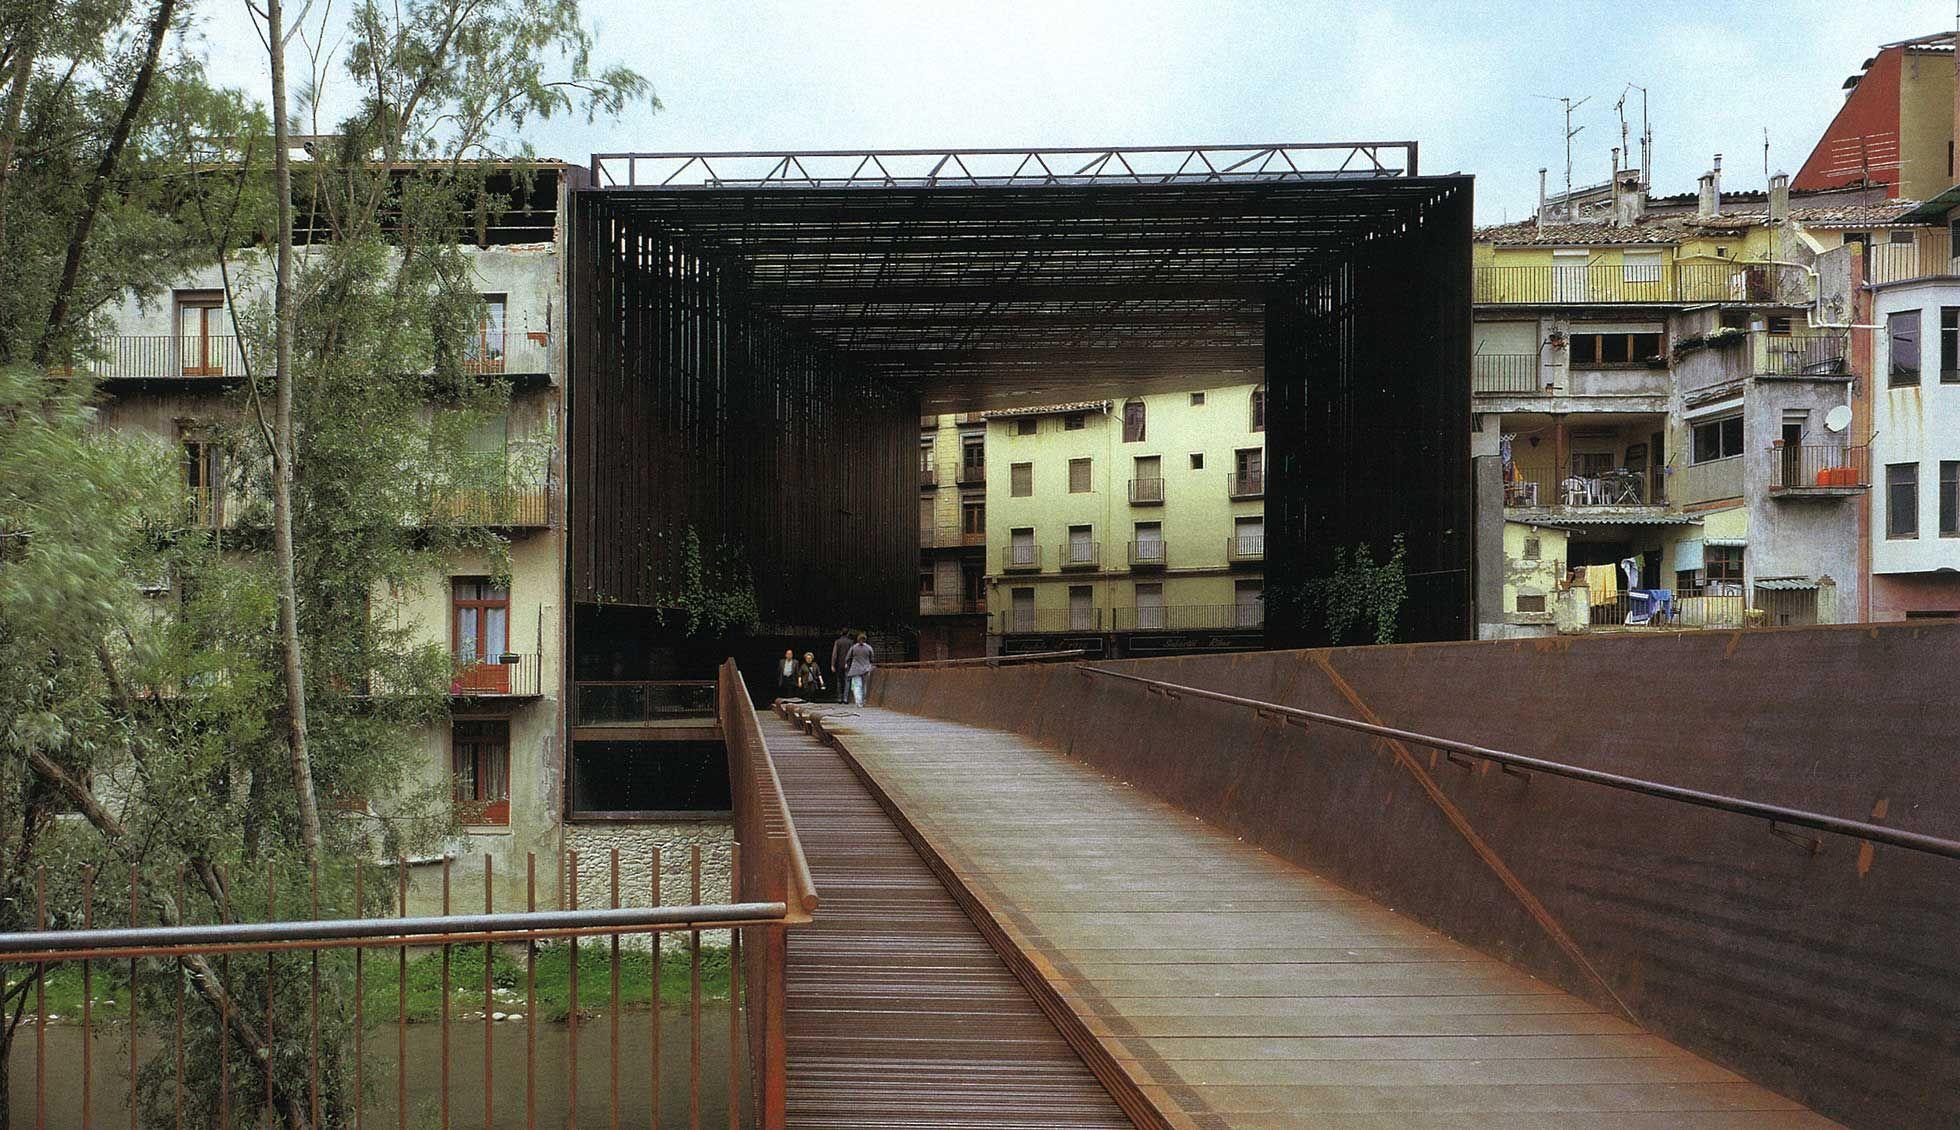 La lira theatre public domain rcr yes architecture for Domaine architecture